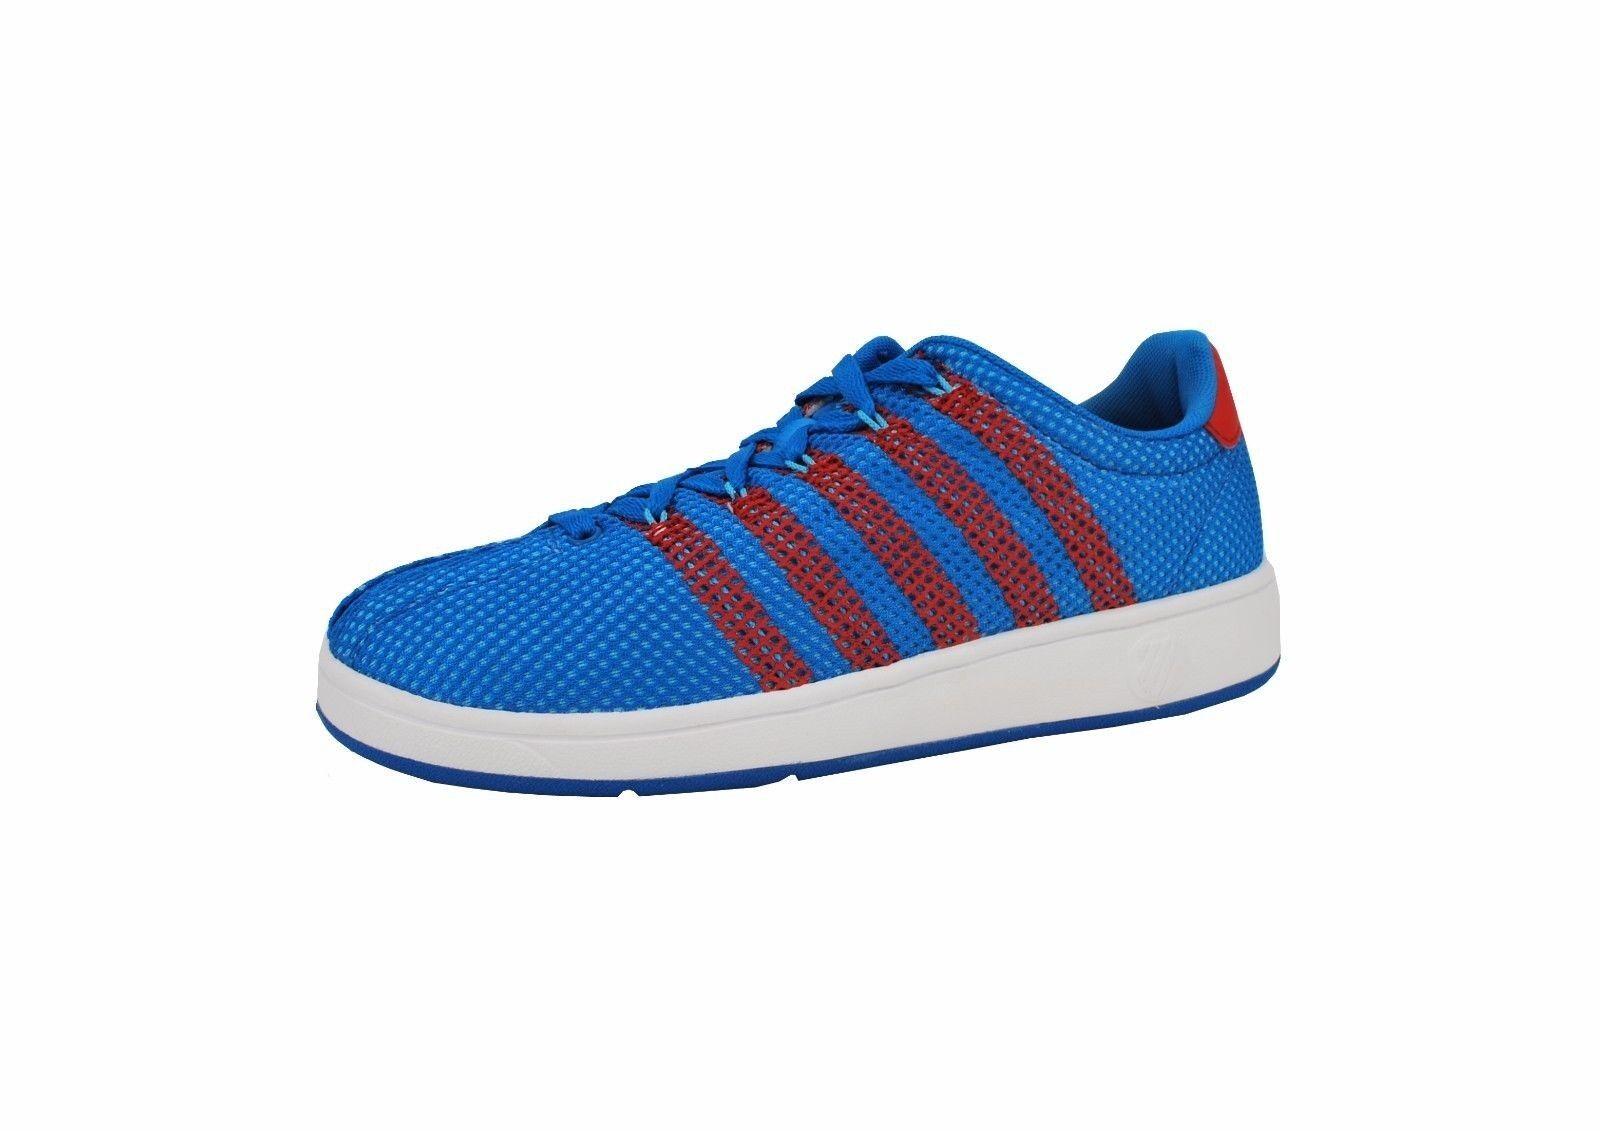 K-Swiss Scarpe Classic VN OM Uomo Court Style Scarpe da Ginnastica Blue Red 03411482